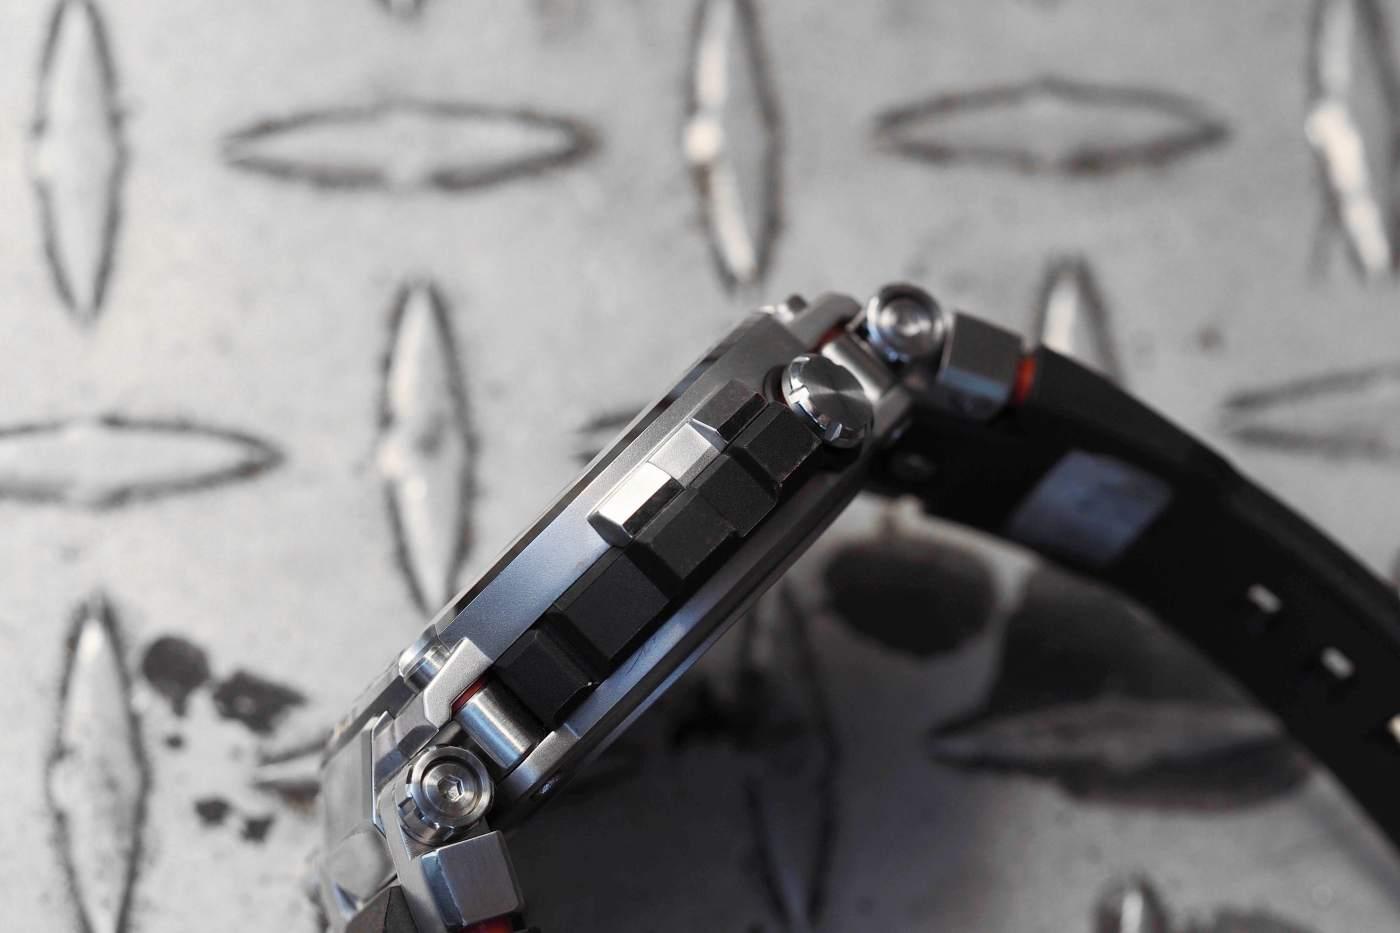 Casio G-Shock MTG-B1000-1A